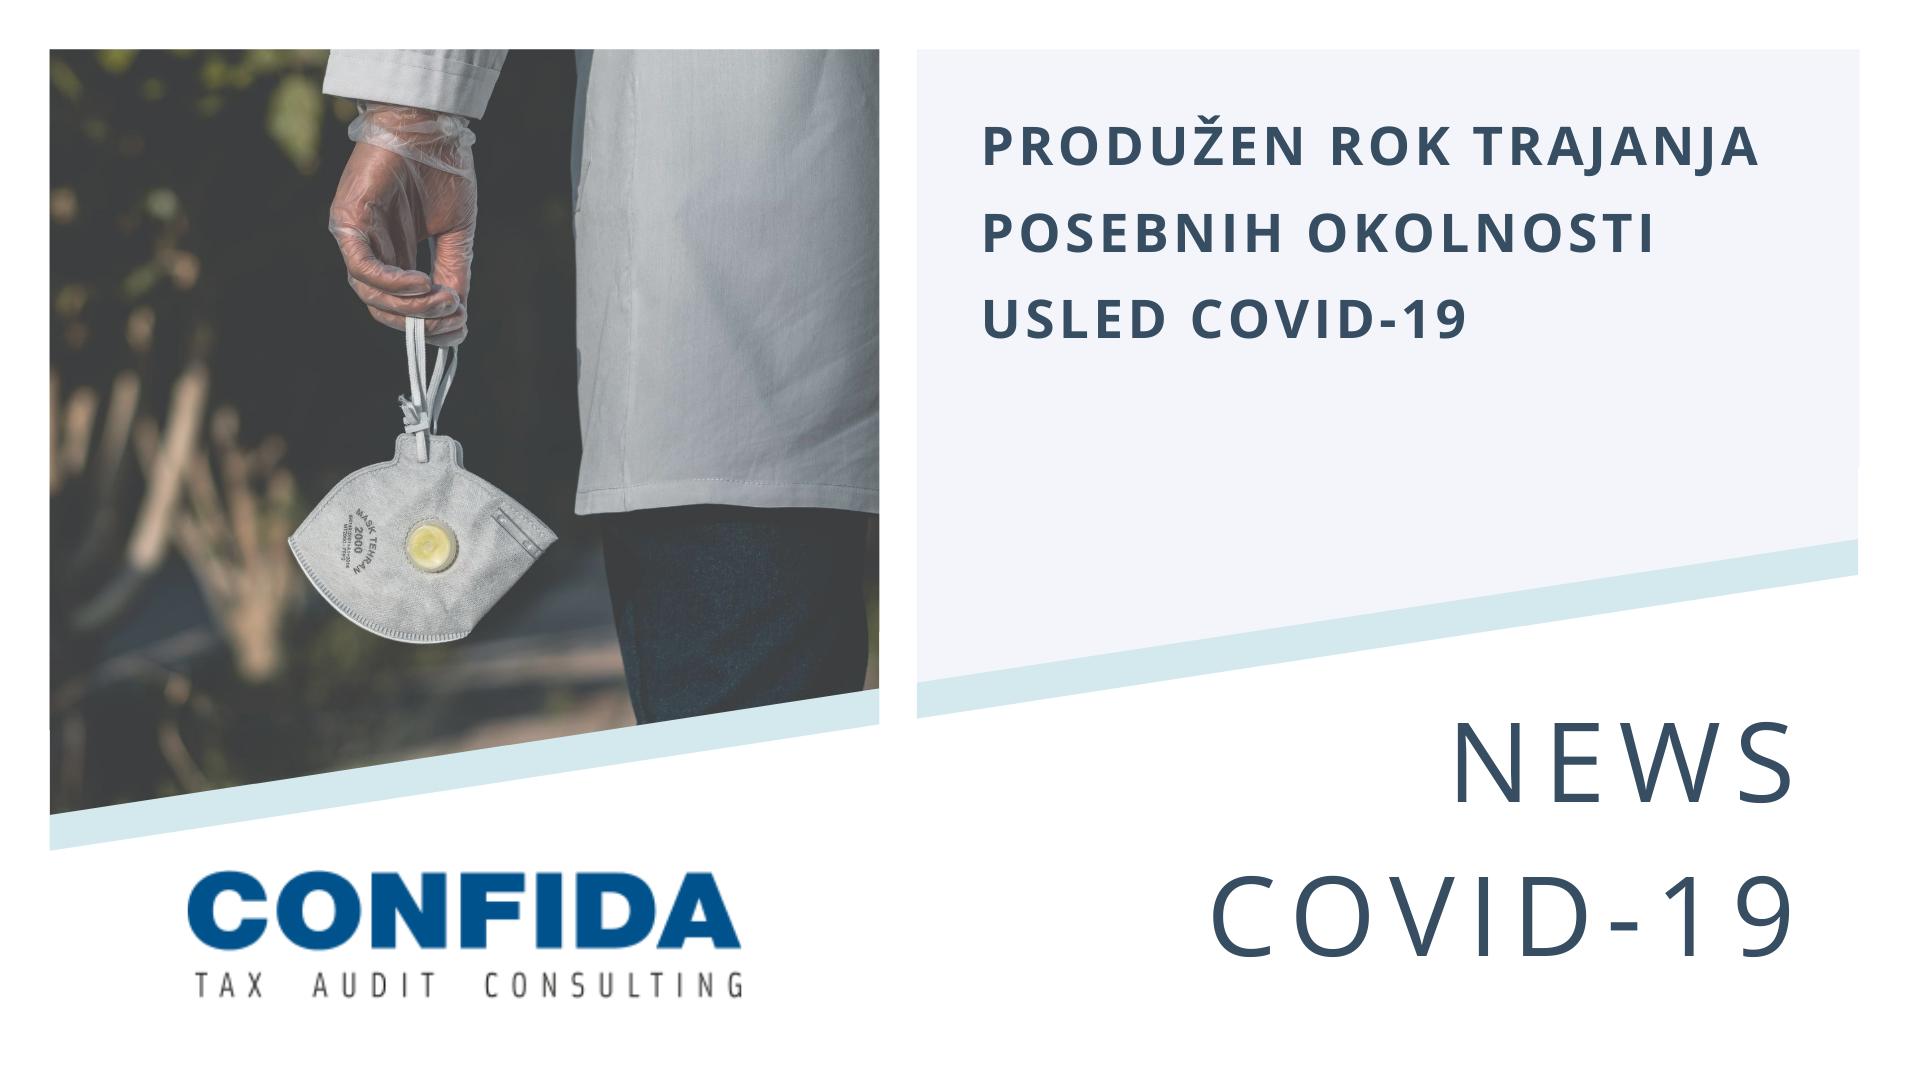 Produžen rok trajanja posebnih okolnosti usled COVID-19